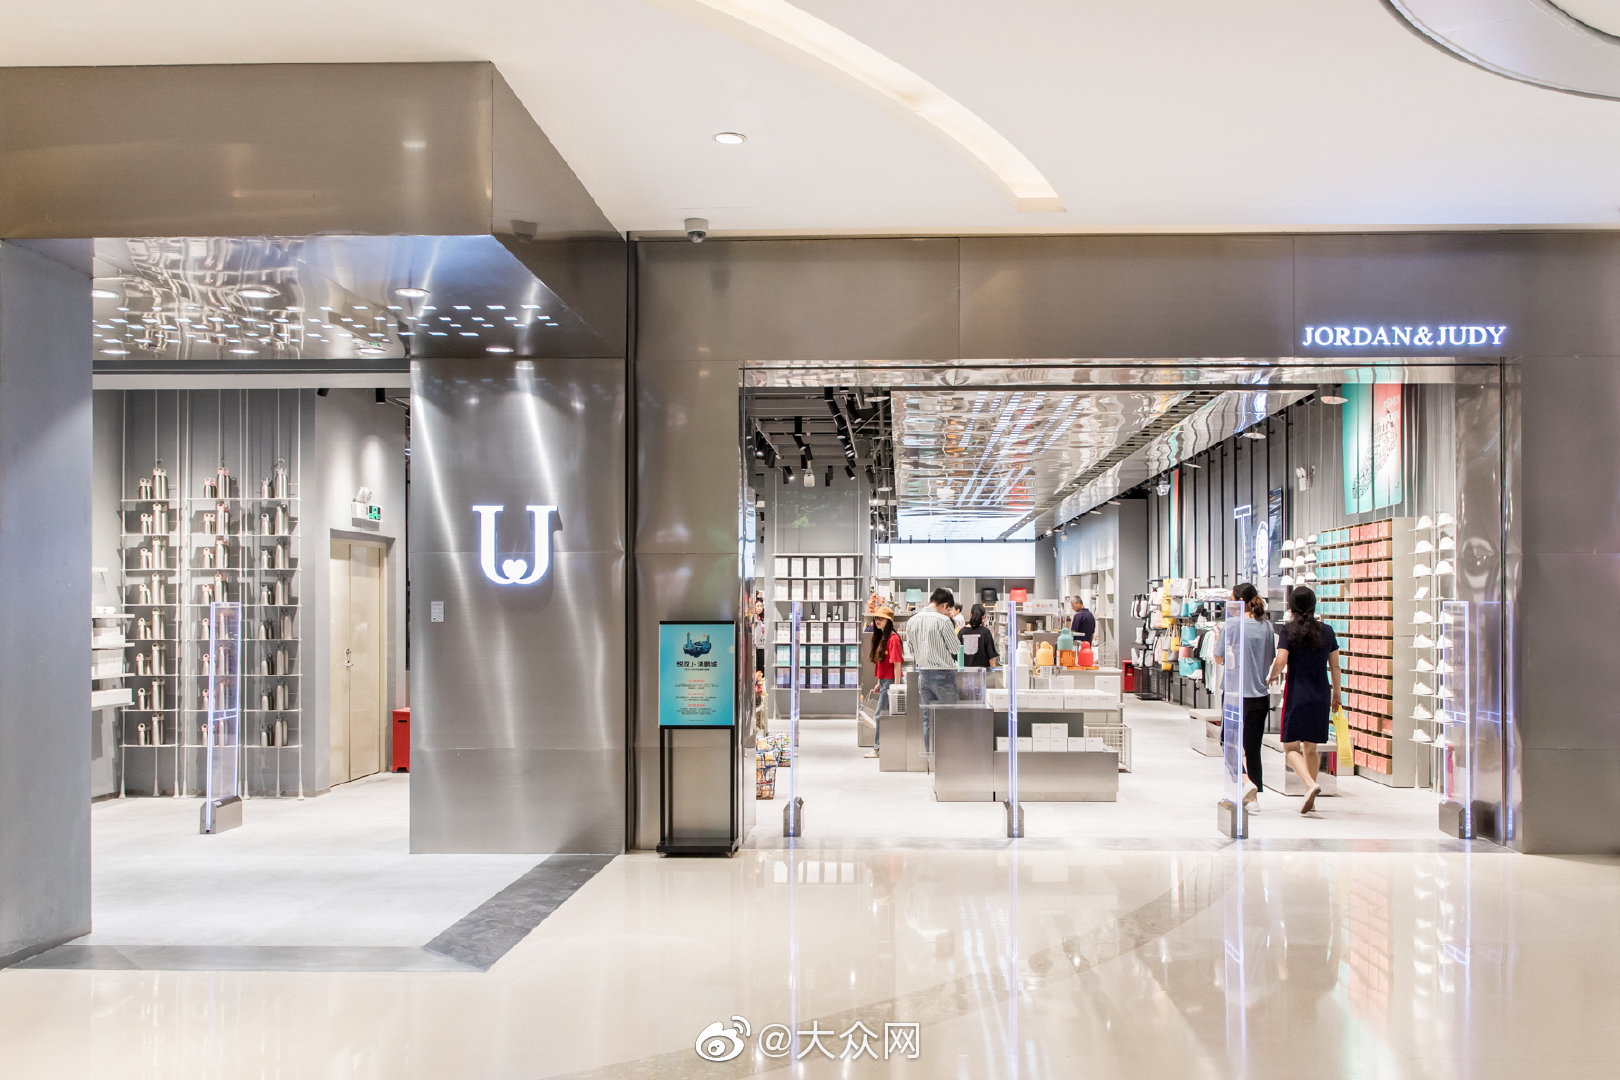 开业福袋大派送!时尚生活品牌Jordan&Judy全国首家体验店